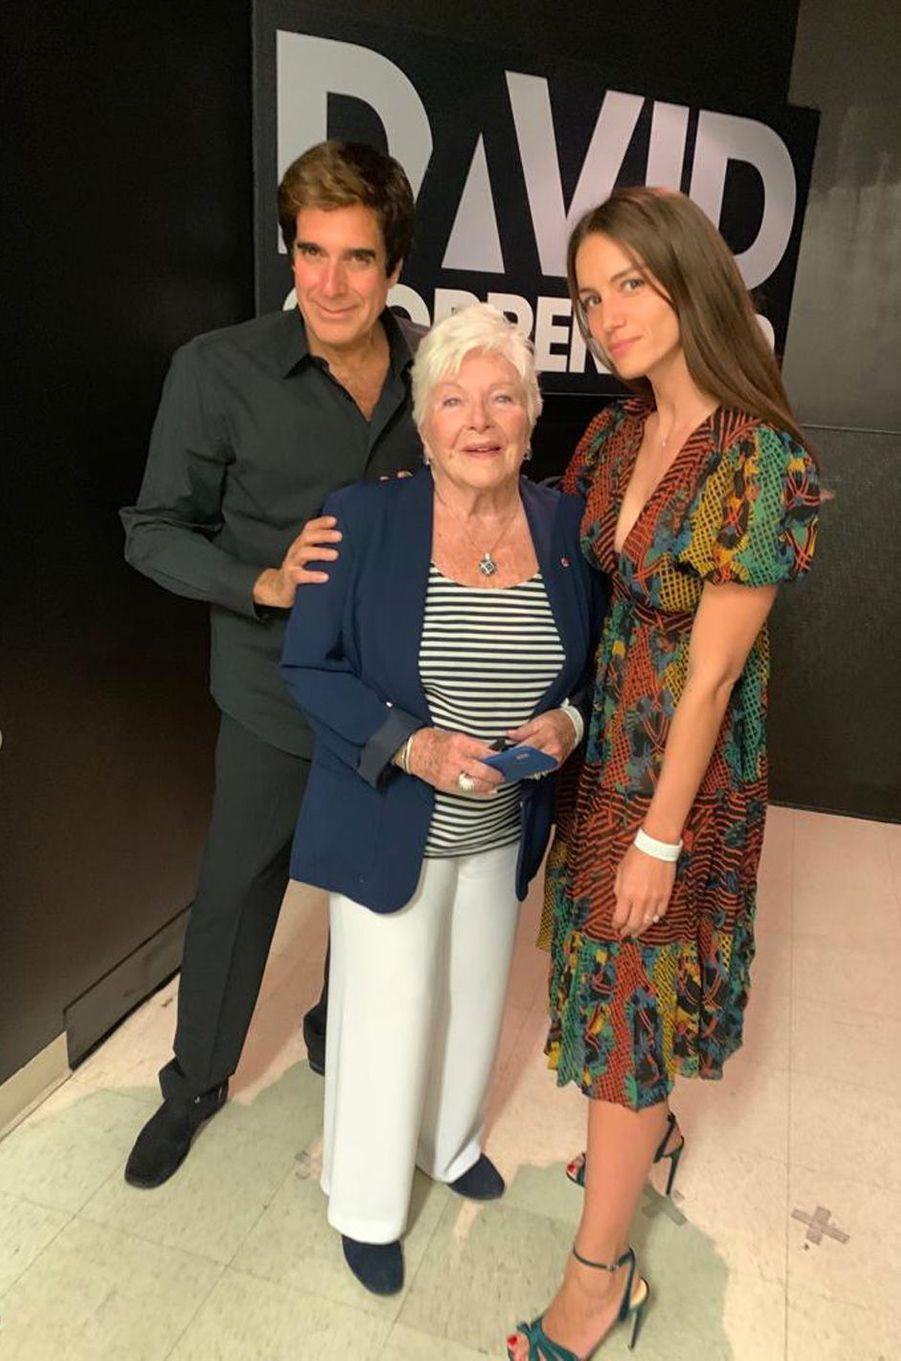 Line Renaud avec David Copperfield et sa femme Chloé à Las Vegas après le show de l'illusionniste.